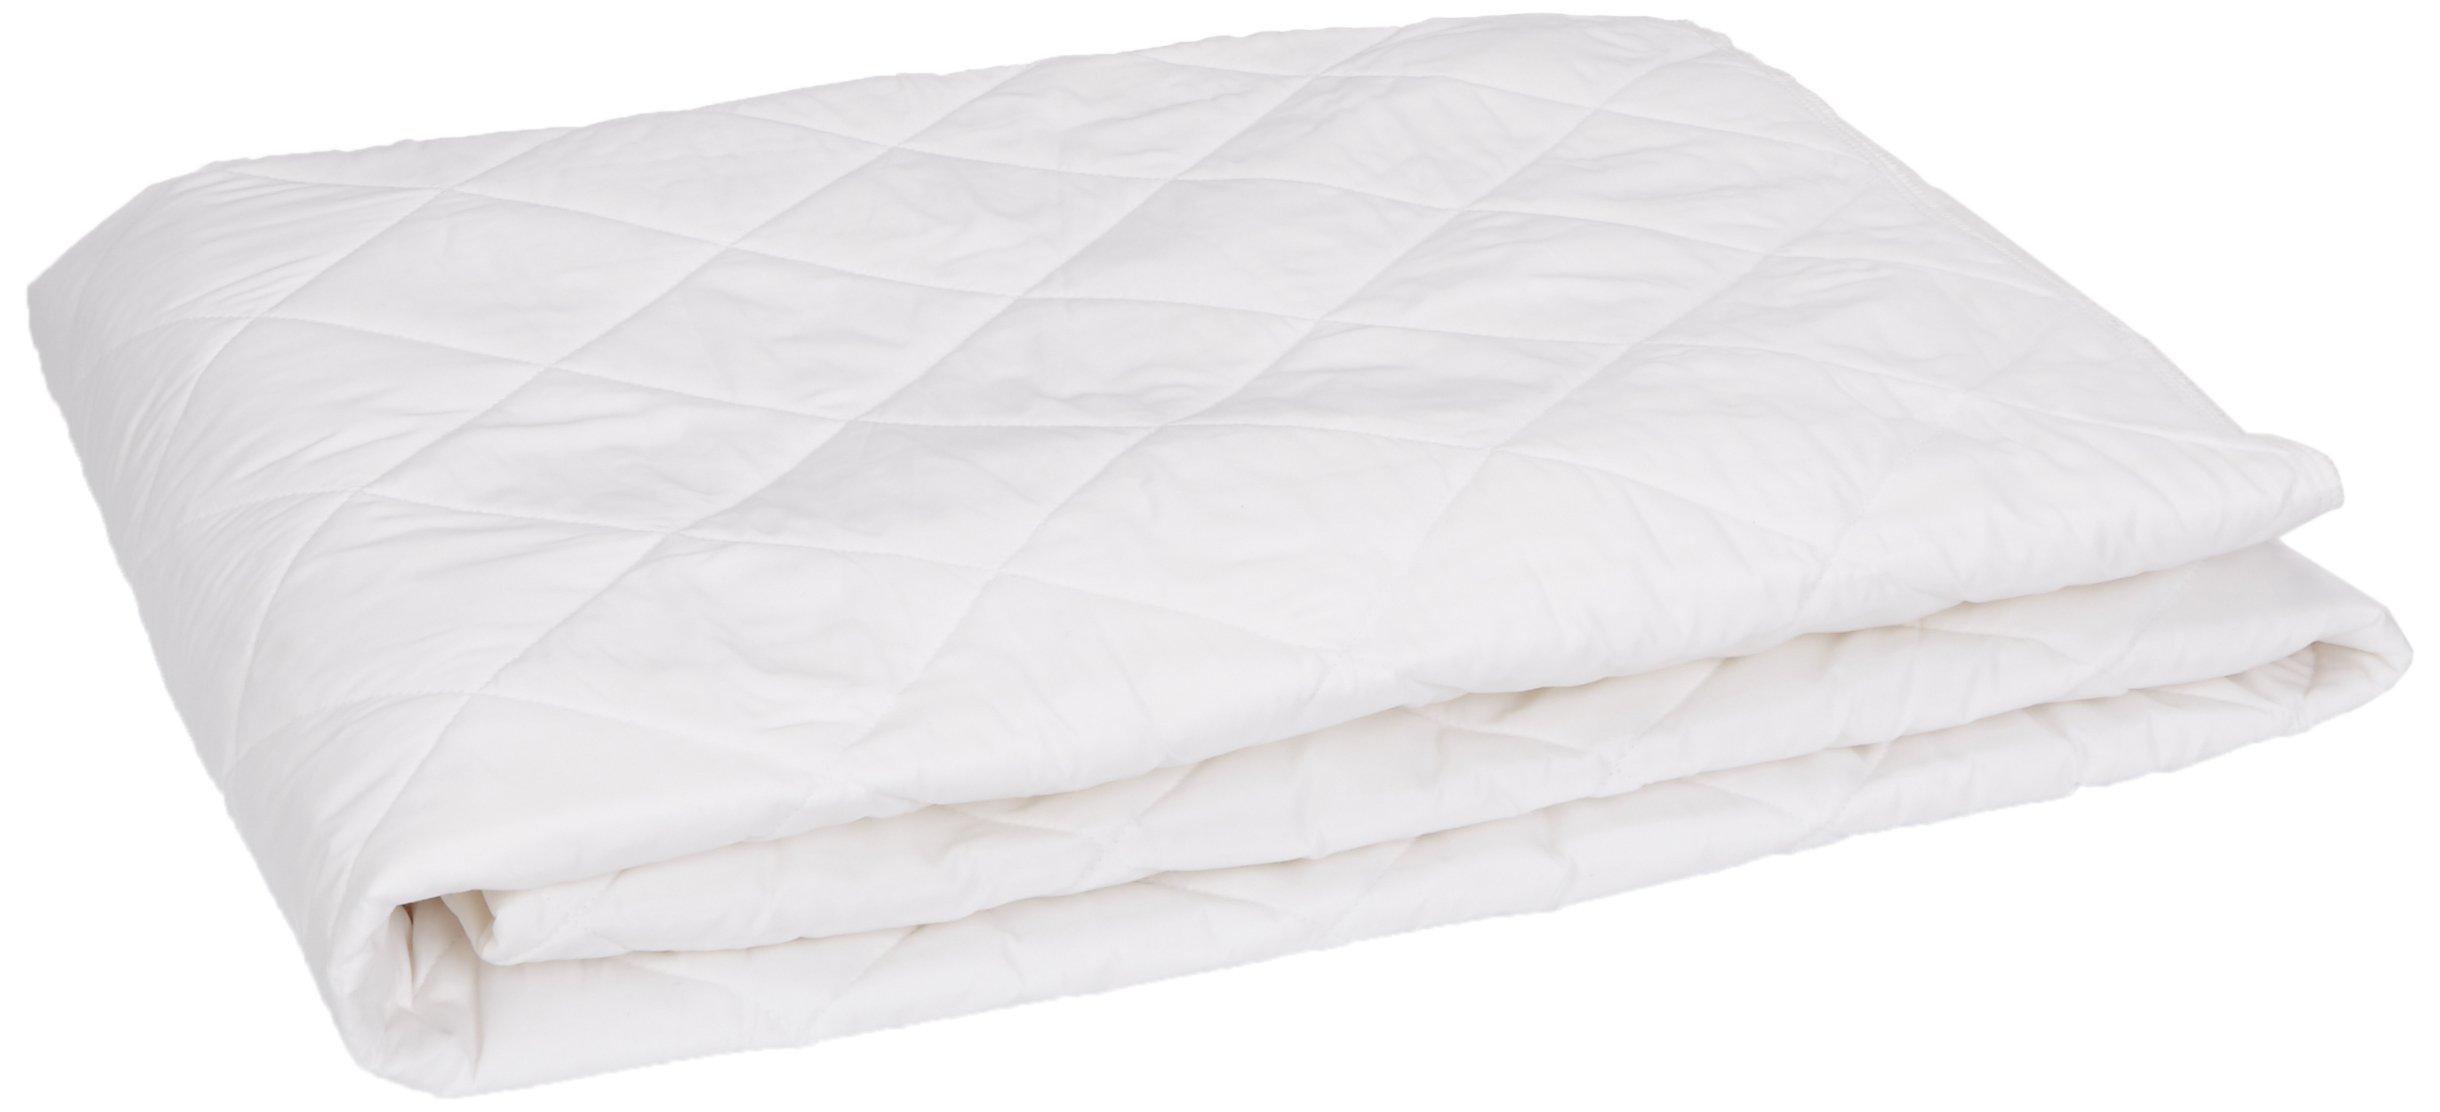 Downright 14'' Cotton Mattress Pad, 78'' x 80'', King 78x80